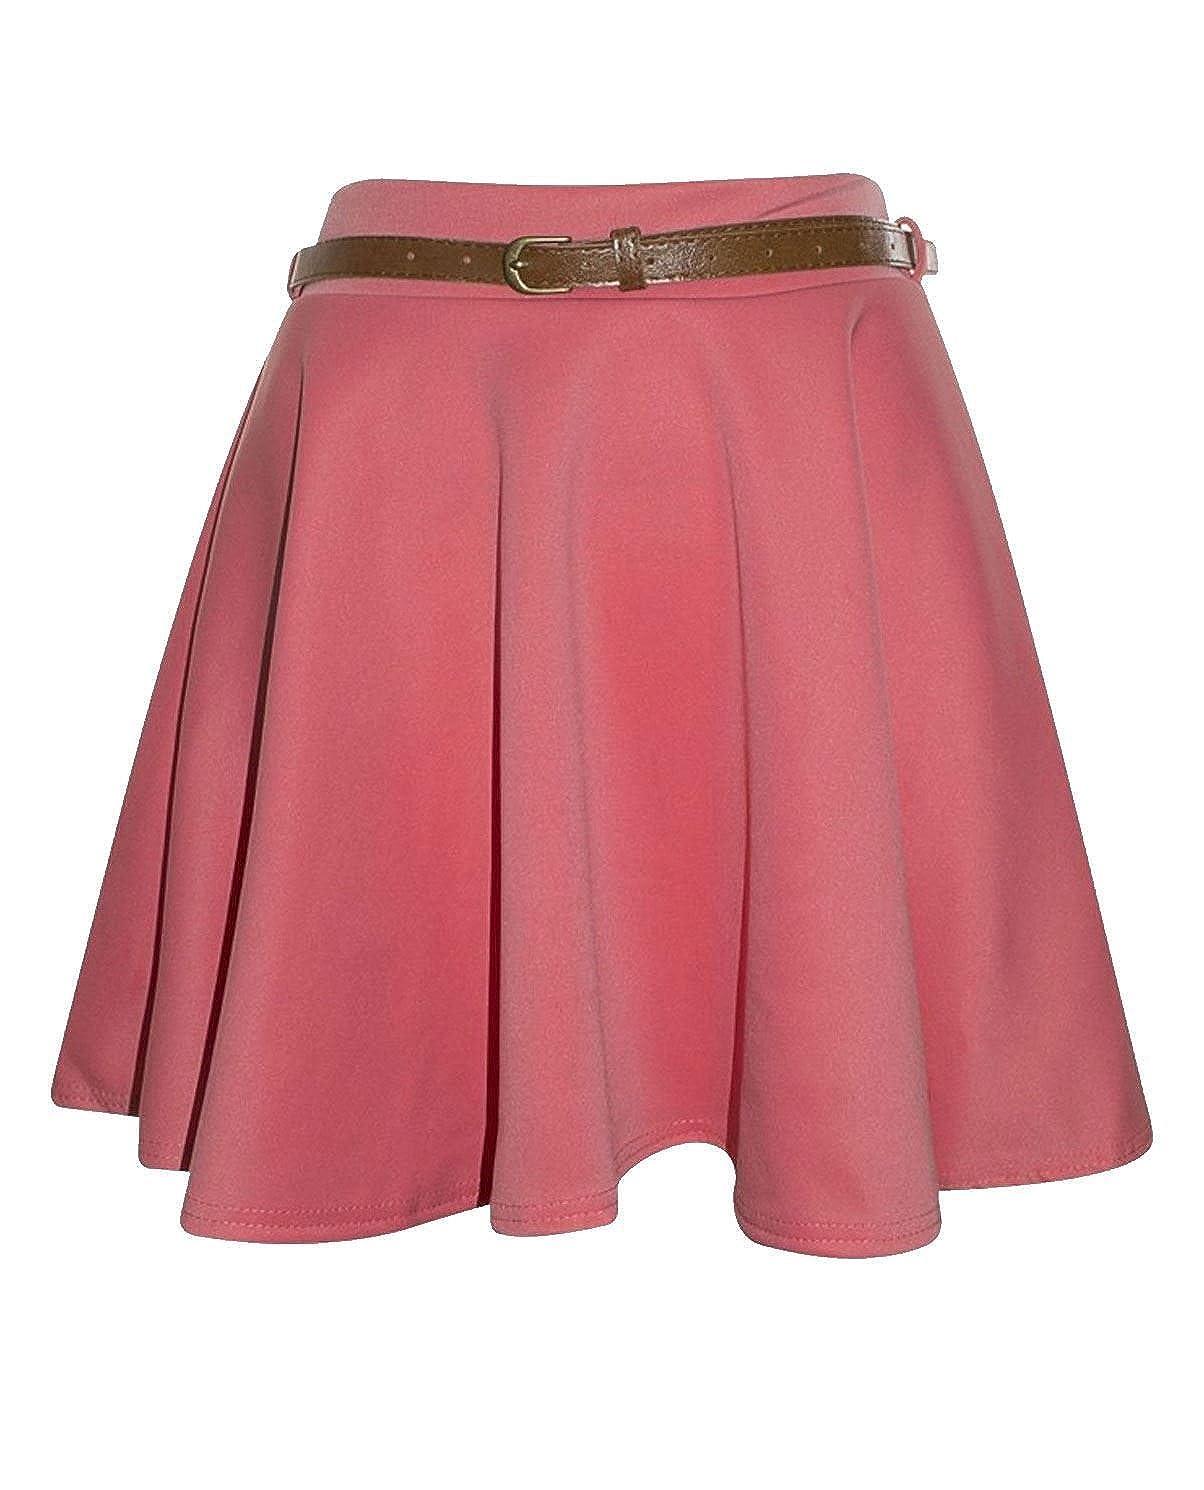 Sheepriver Femmes Floral princesse jupe courte pliss¨¦e filles Floral Mini-jupe en mousseline de soie avec ceinture Paramount